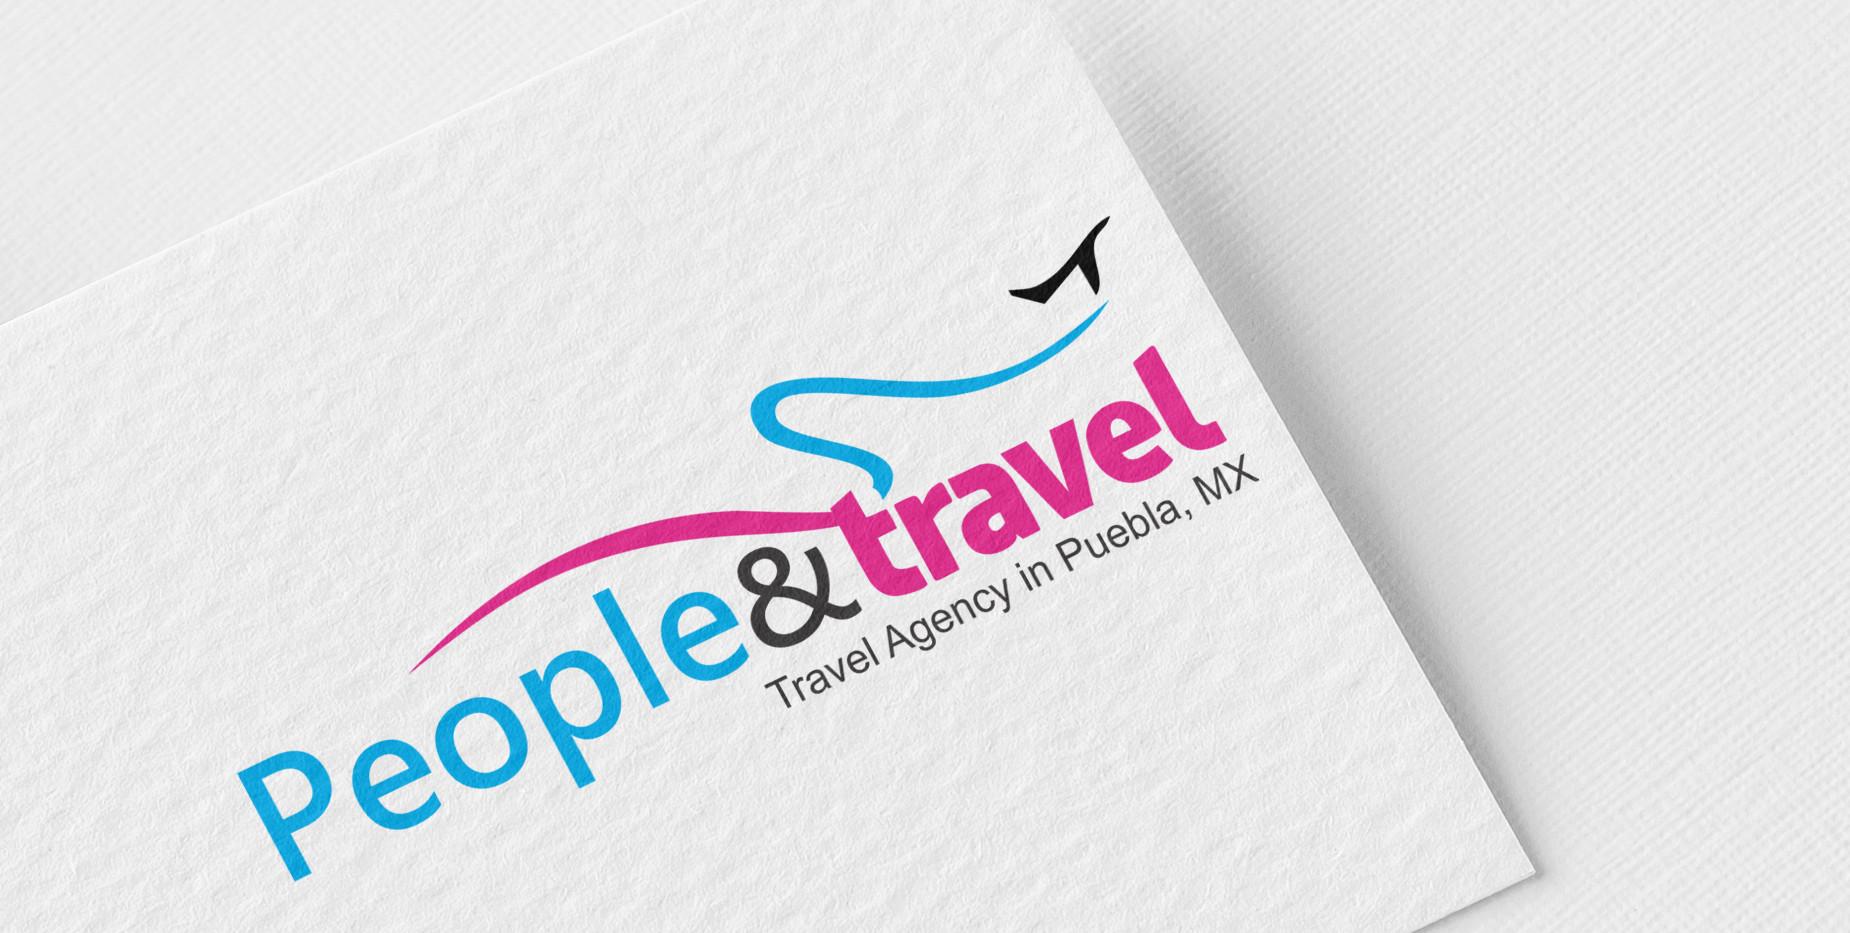 diseño_de_logo5.jpg